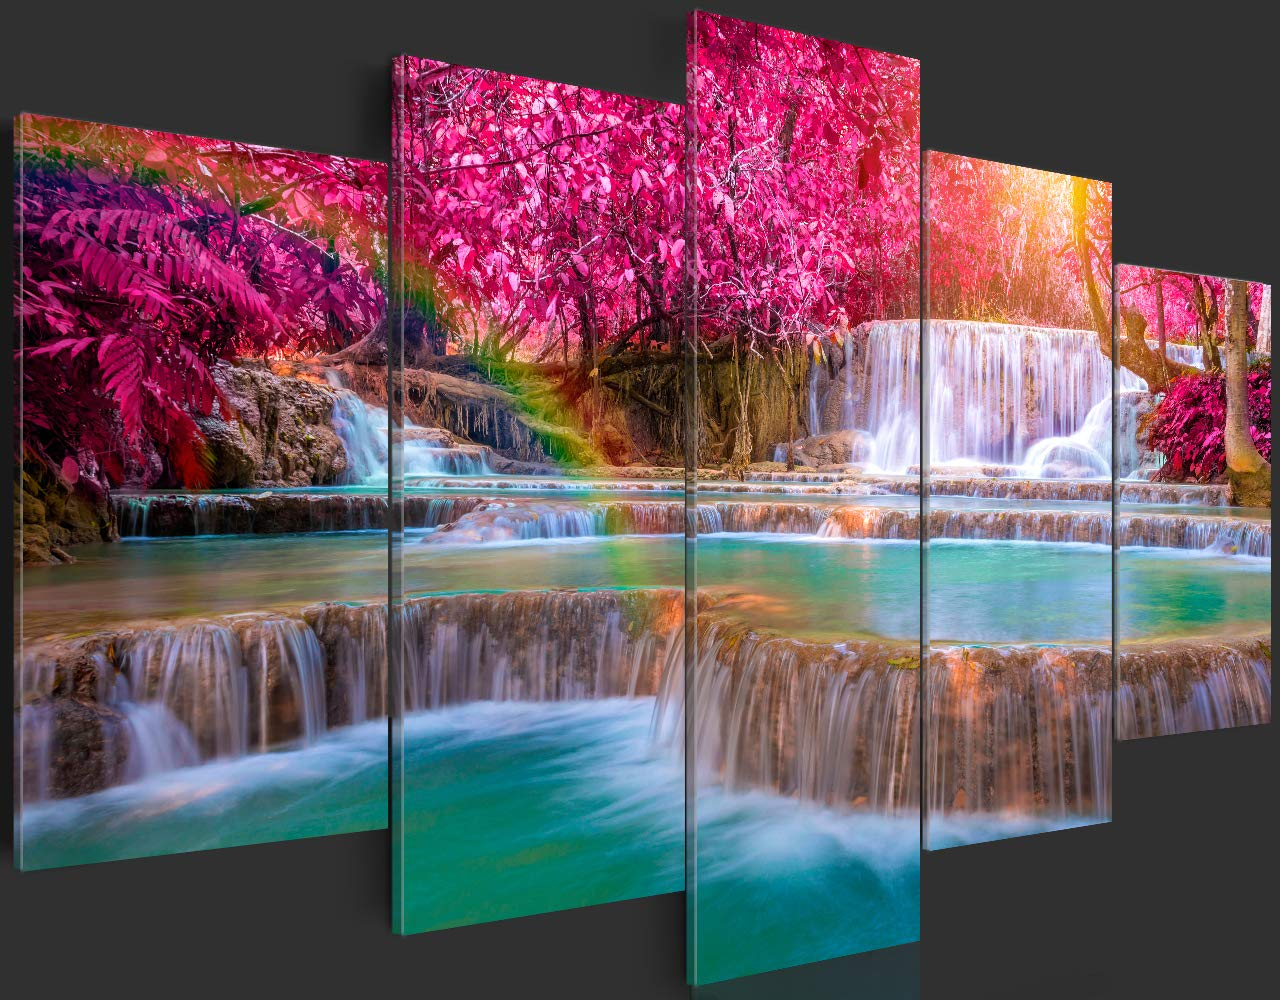 murando Quadro 100x50 cm 5 Pezzi Stampa su Tela in TNT XXL Immagini Moderni Murale Fotografia Grafica Decorazione da Parete Paesaggio Cascata Natura c-B-0128-b-m